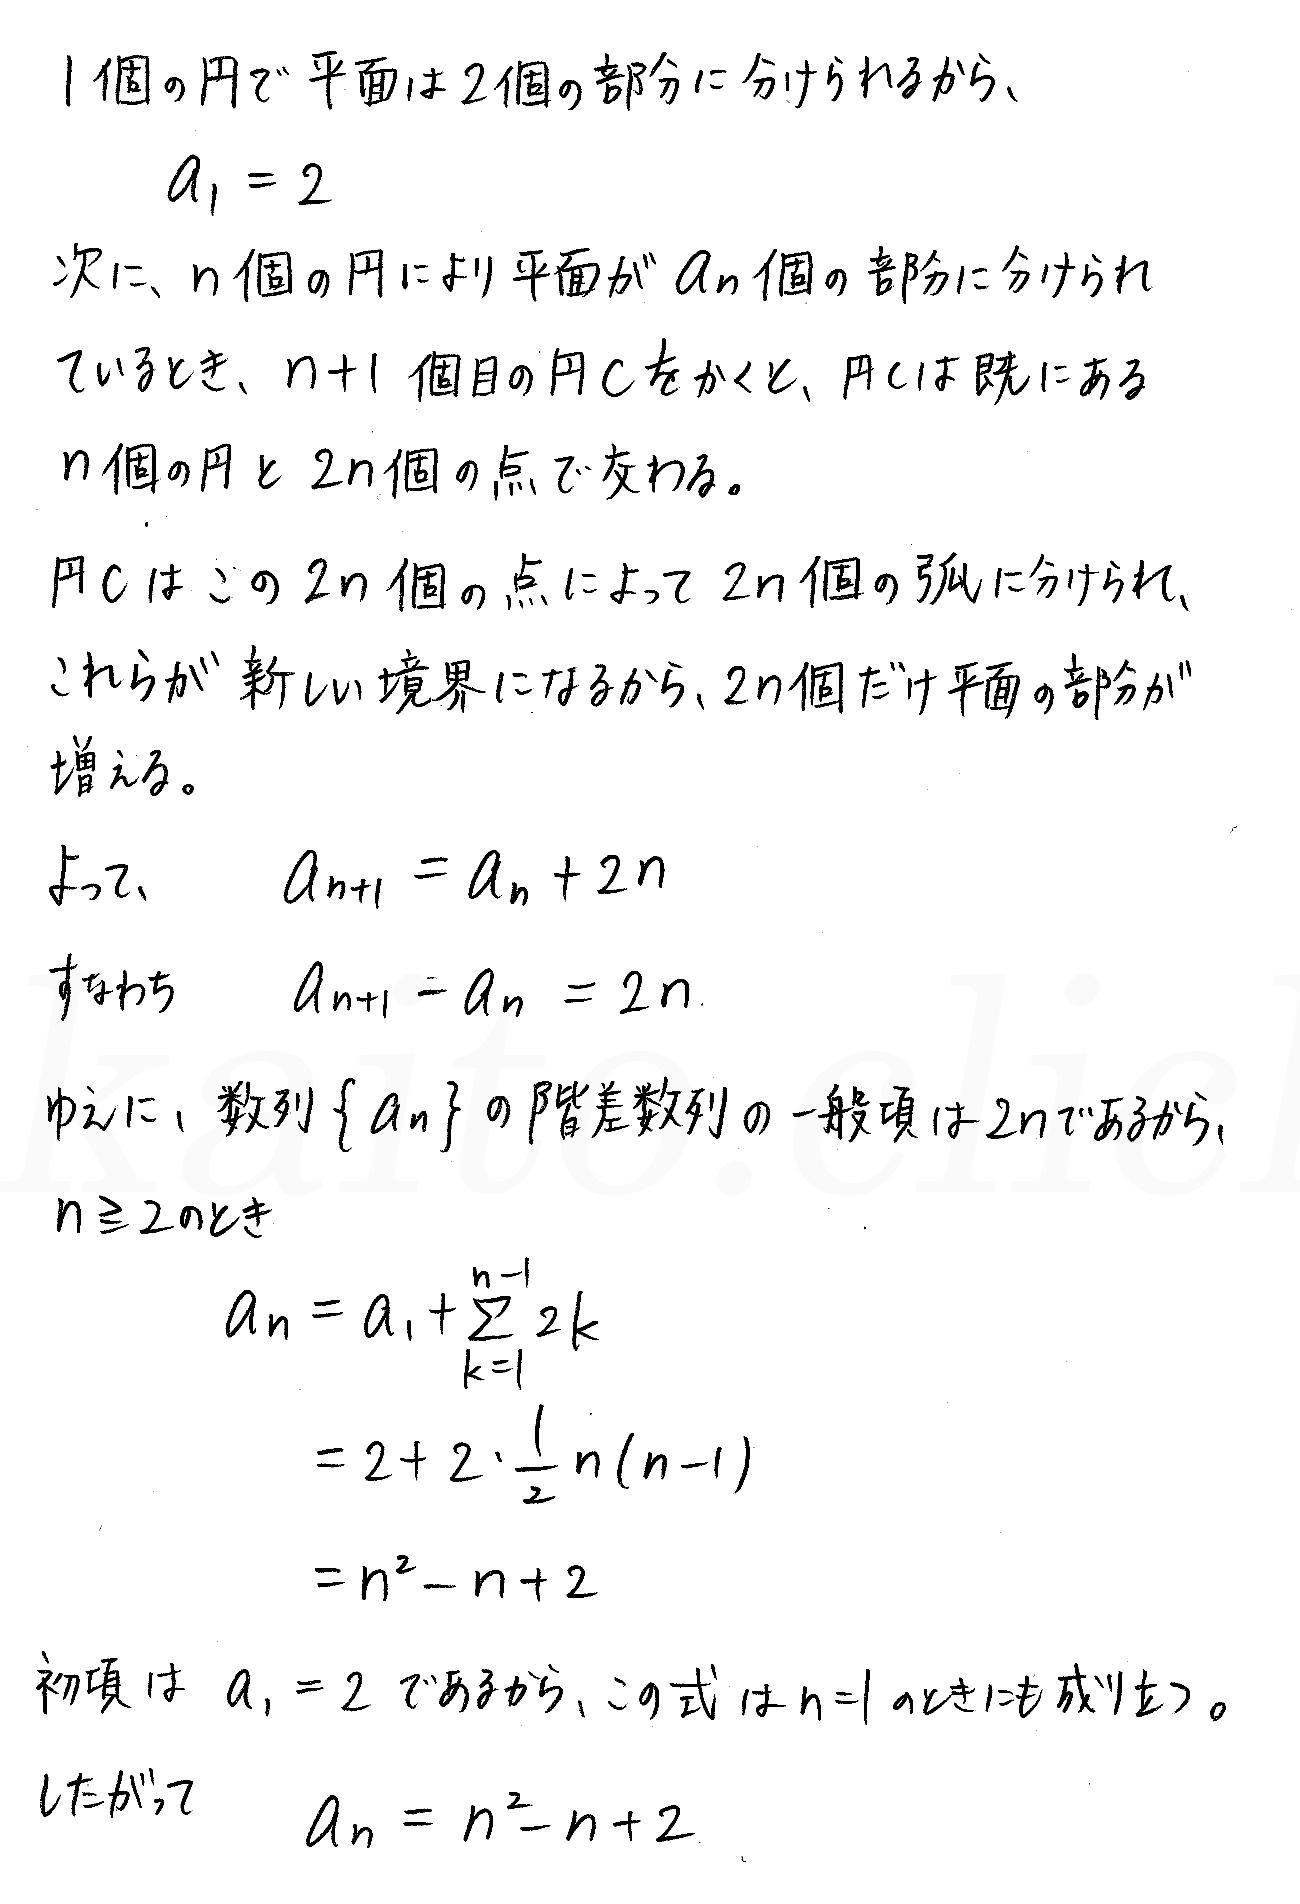 クリアー数学B-228解答